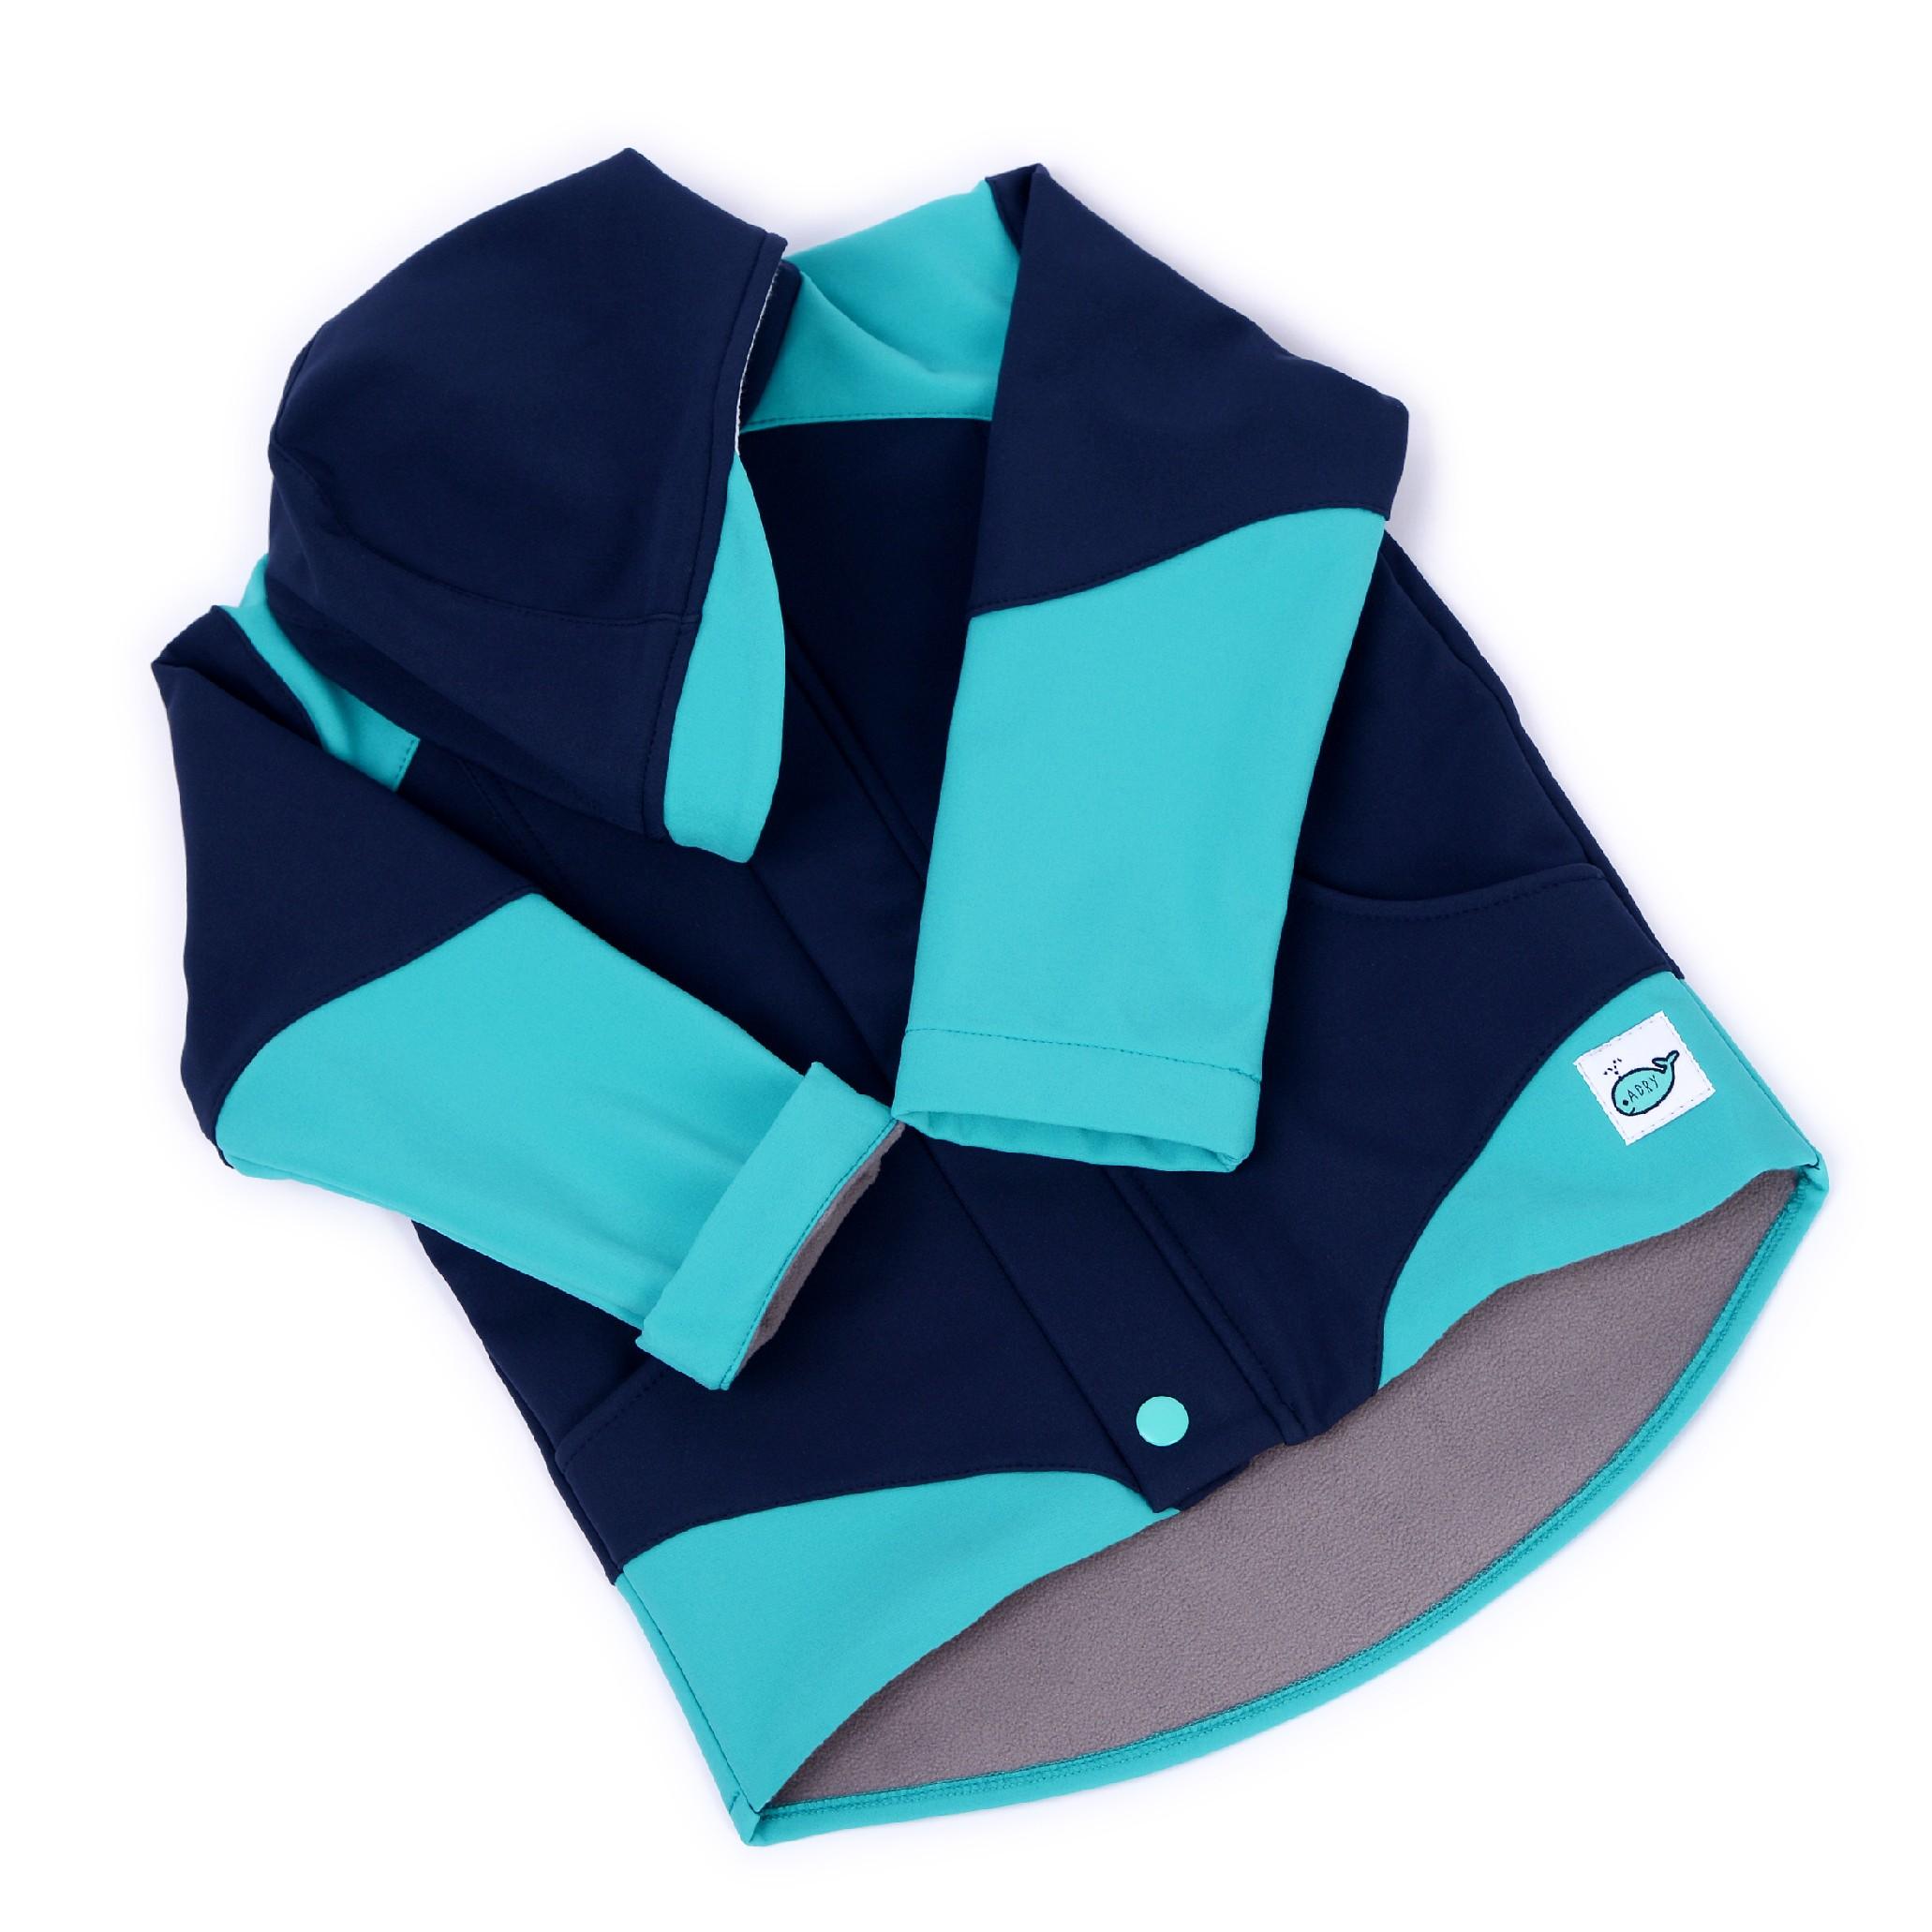 Dětská softshellová bunda ADRY Modrá/tyrkys Barva: Modrá, Velikost: 134